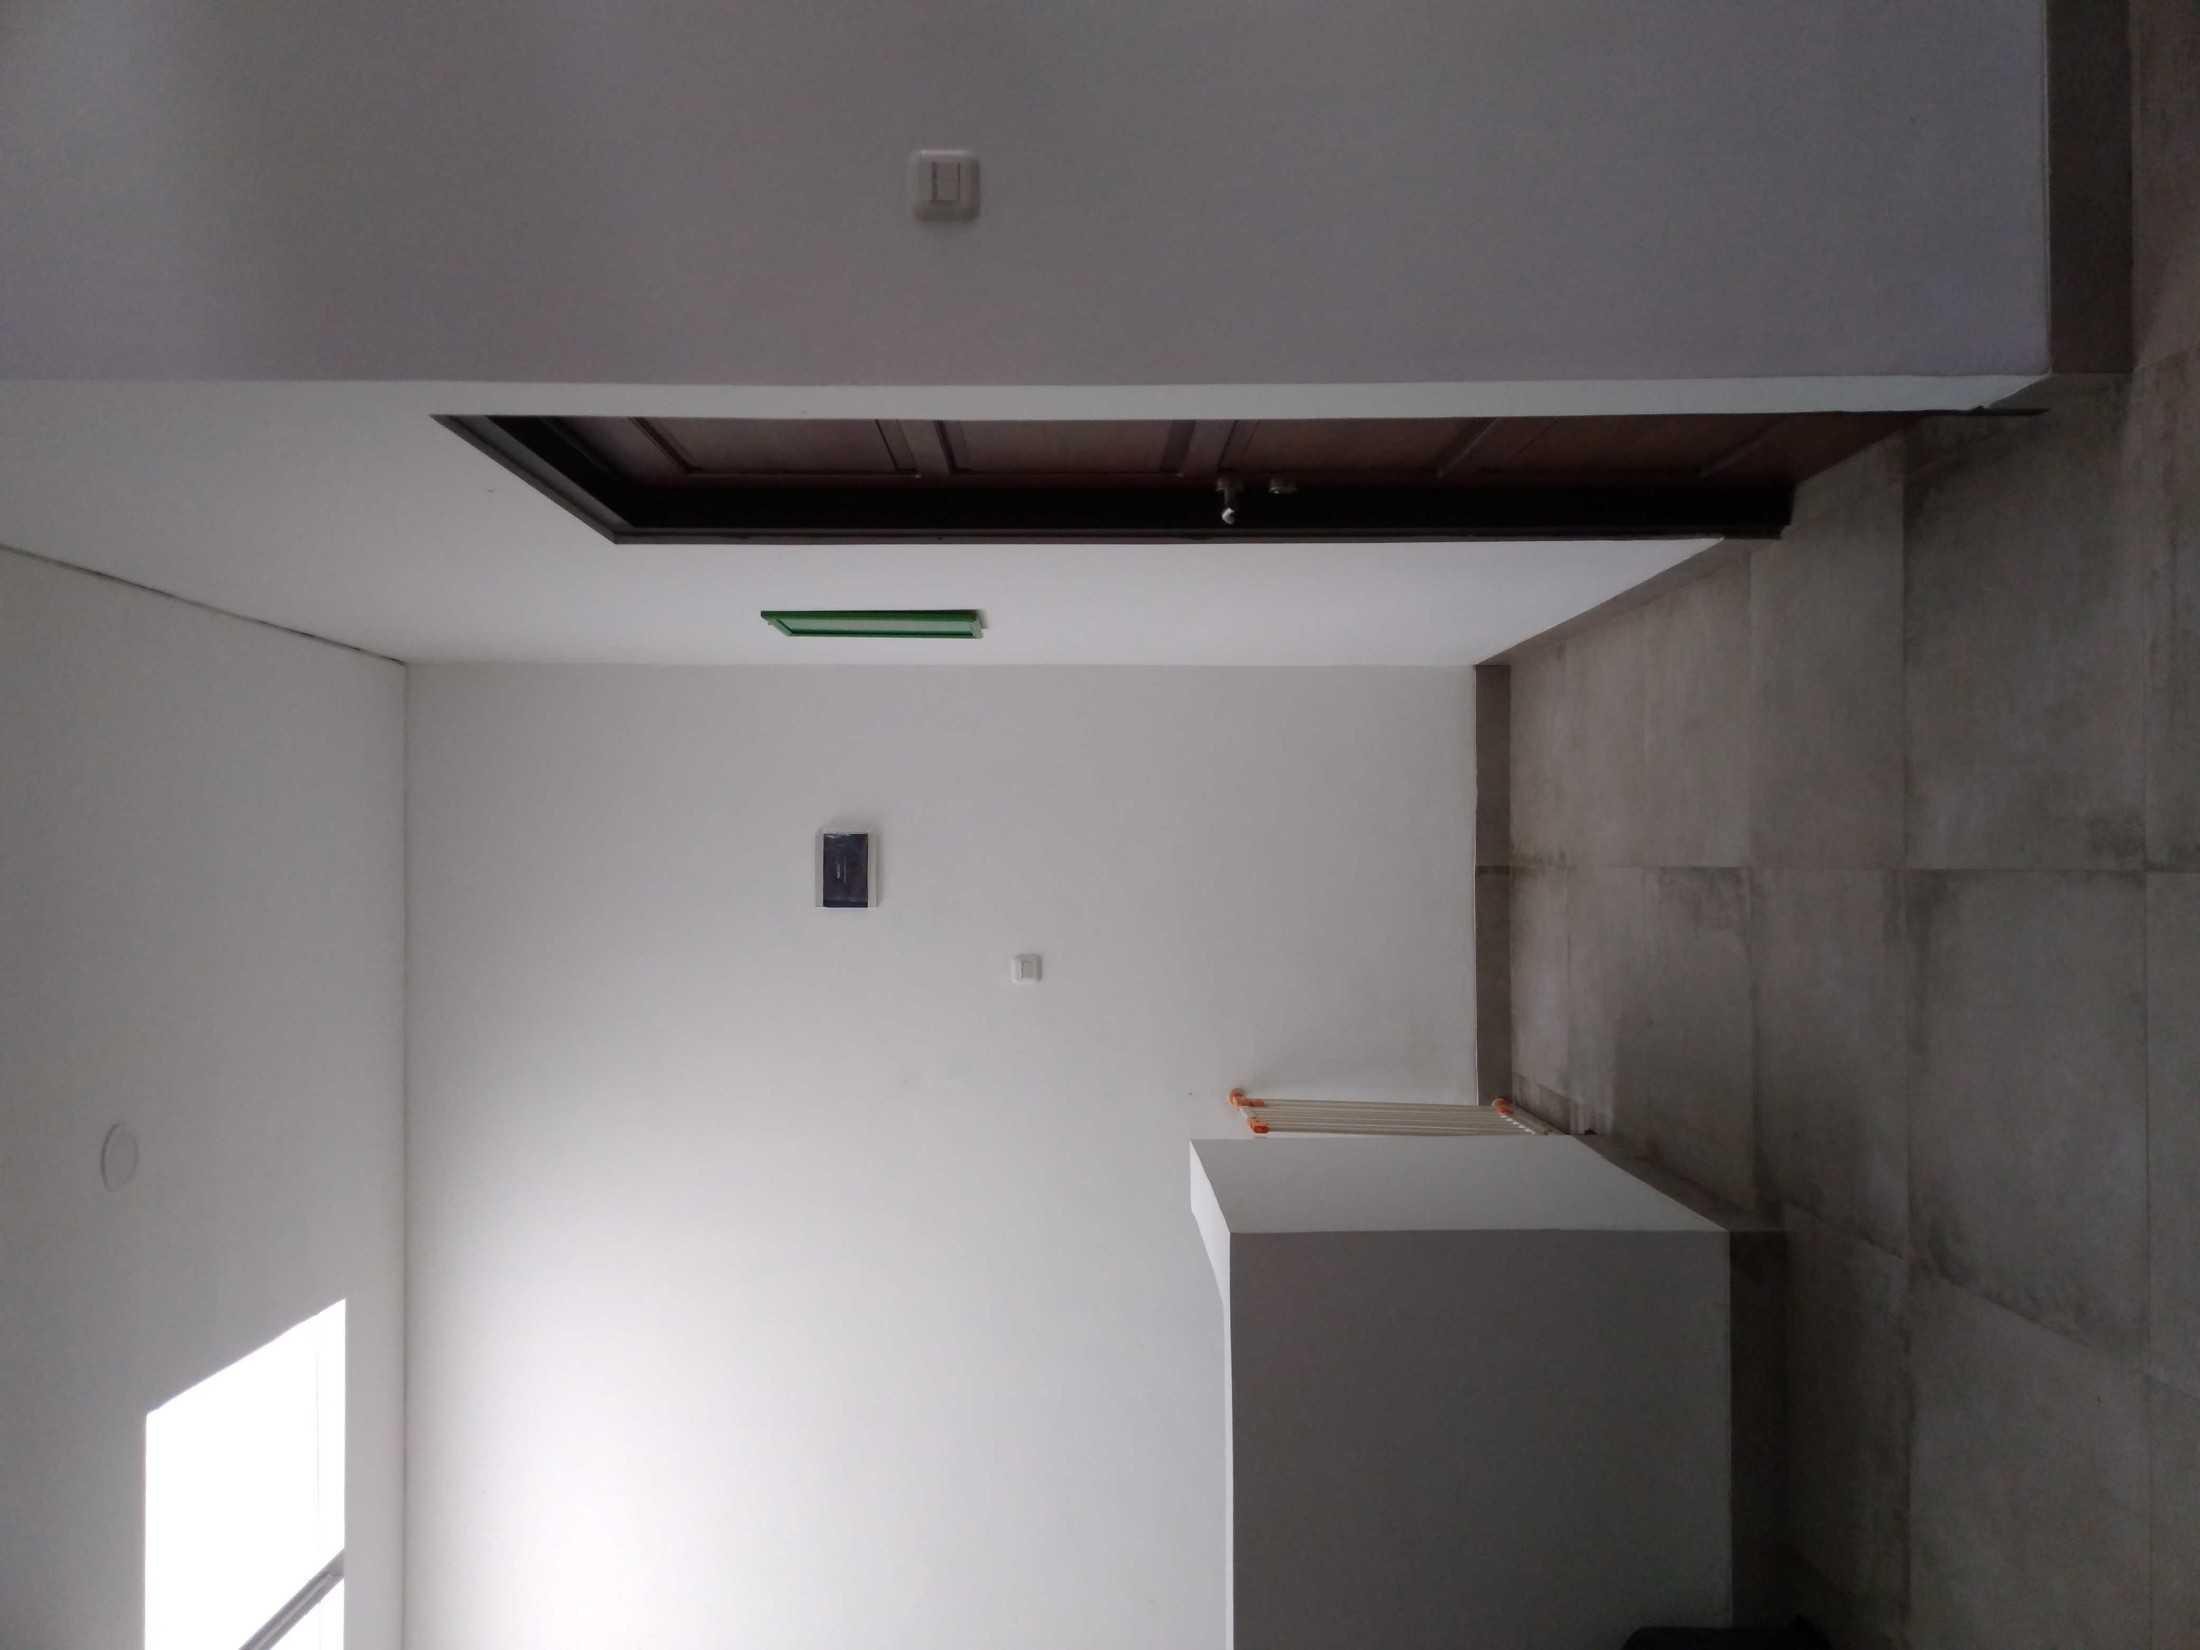 Mth29 Design [Design] Dr House - Bogor Bogor, Jawa Barat, Indonesia Bogor, Jawa Barat, Indonesia Mth29-Design-Design-Dr-House-Bogor  110813